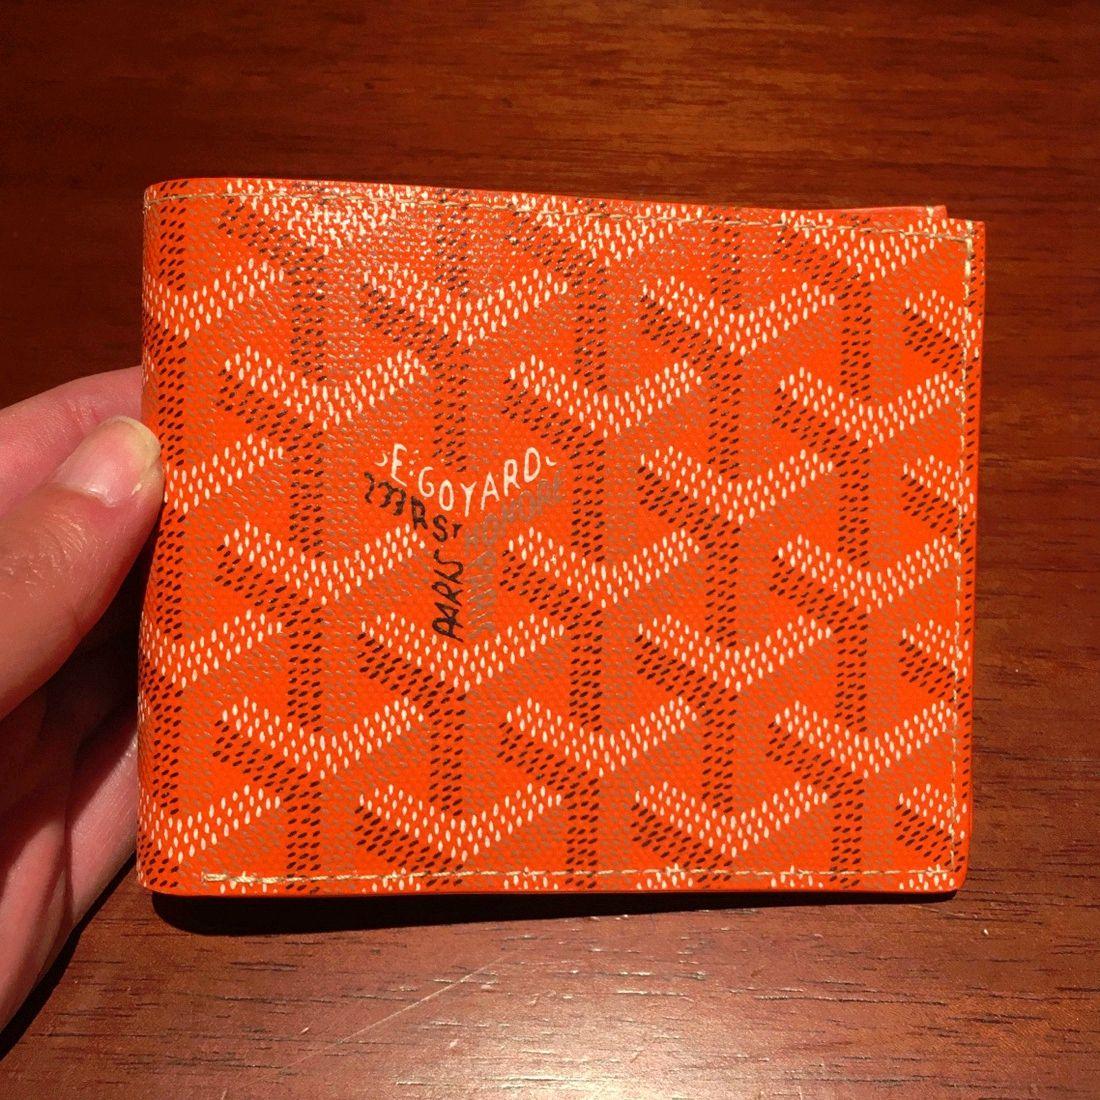 a2dc6c171e5 Goyard men s bifold wallet flap color each color GOYARD - BUYMA  bags